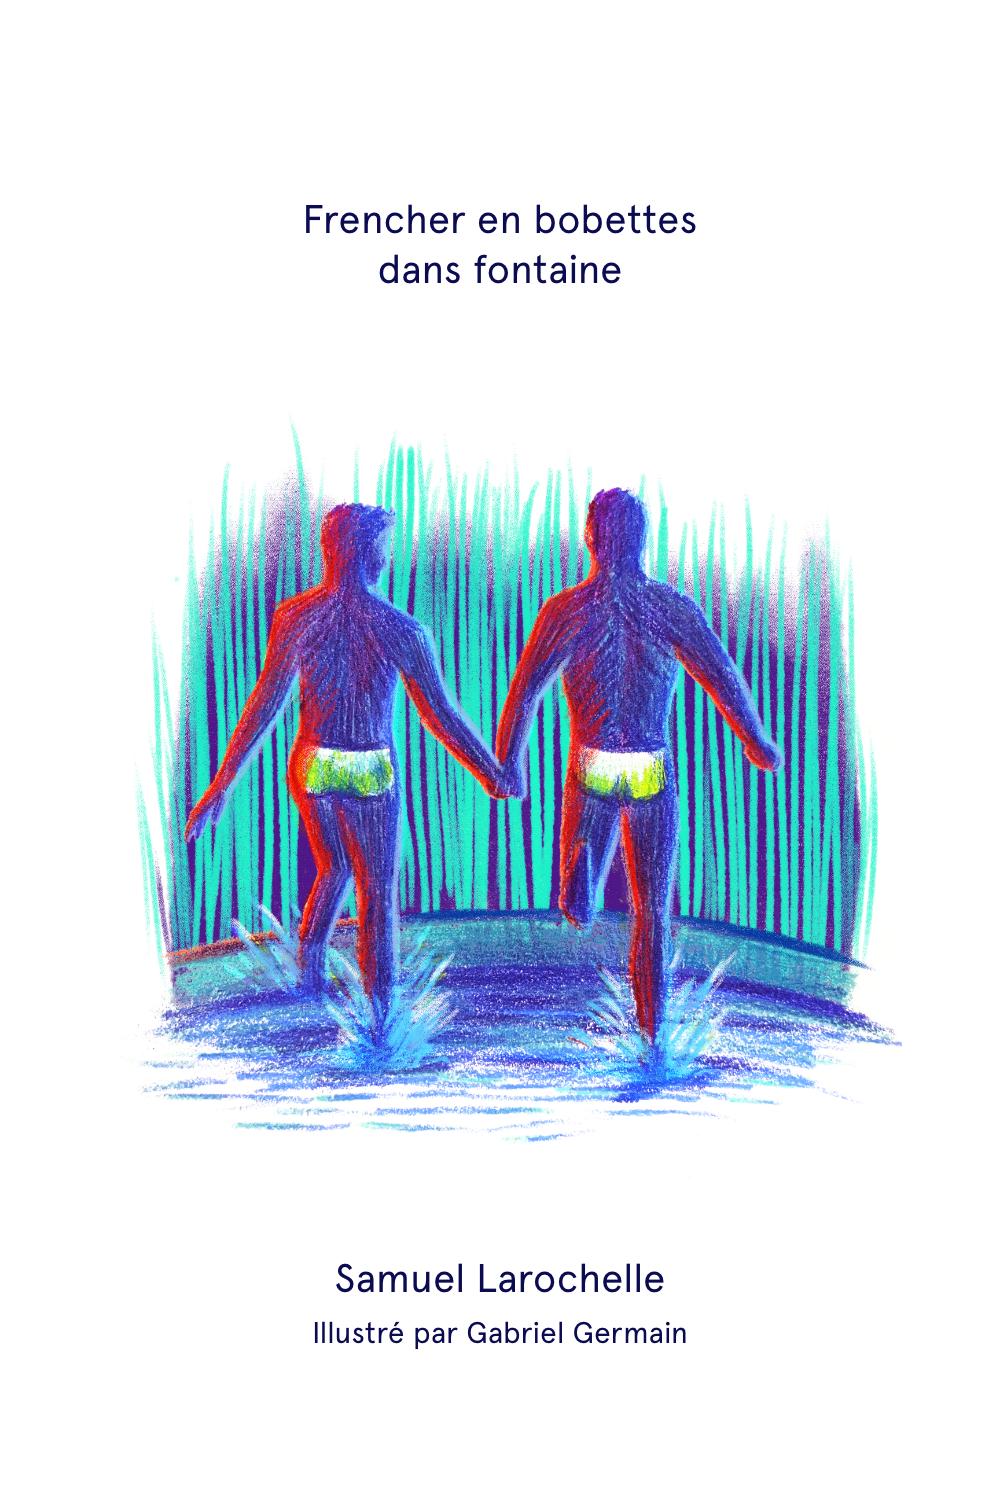 Frencher bobettes